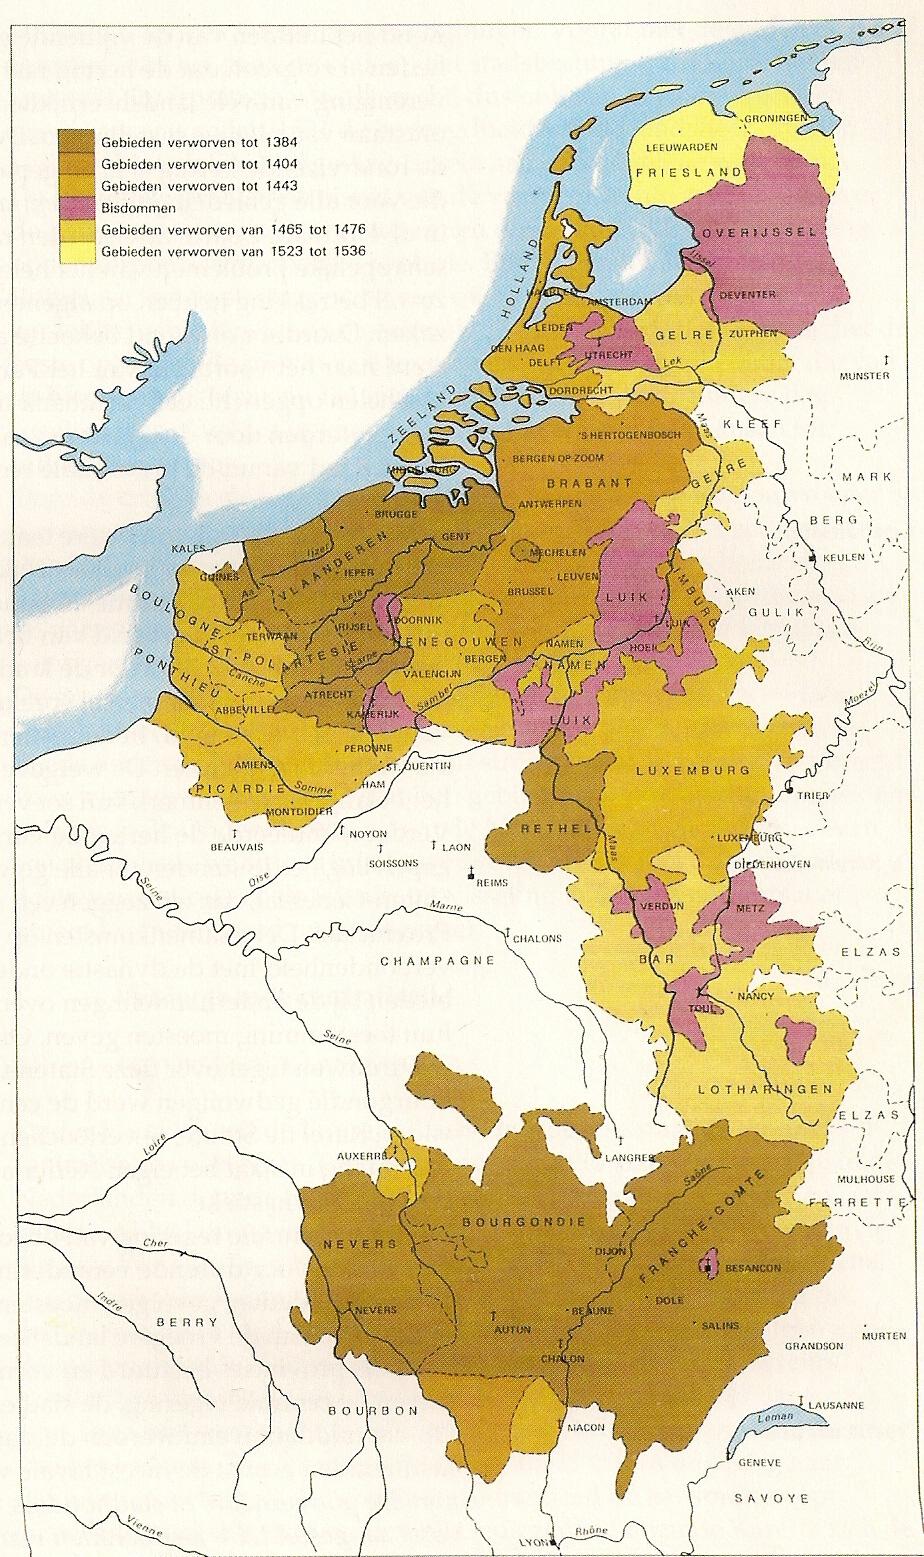 Beneliukso žemėlapis, pagal kurį buvo stilizuojamas liūto formos žemėlapis.